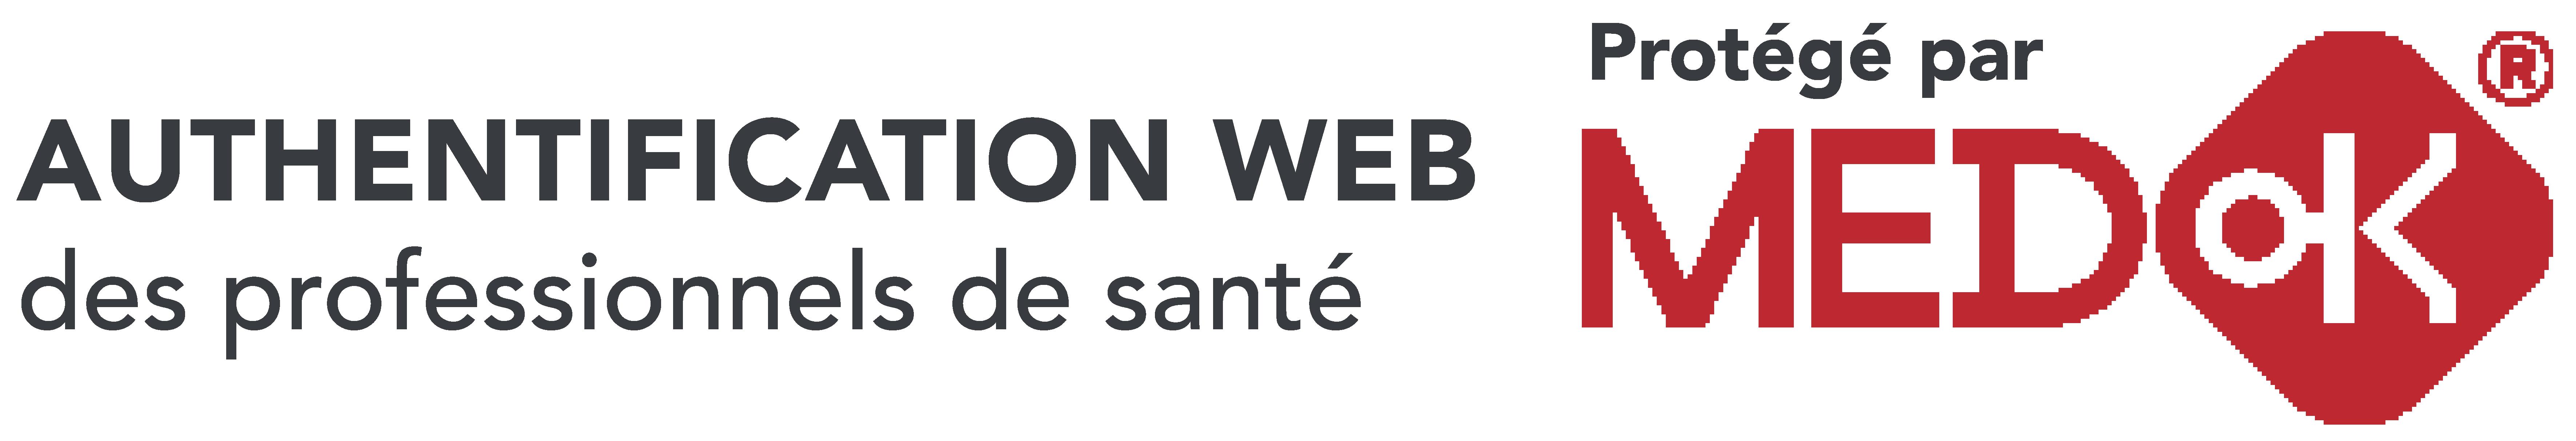 Authentification Web des professionnels de santé MedOK